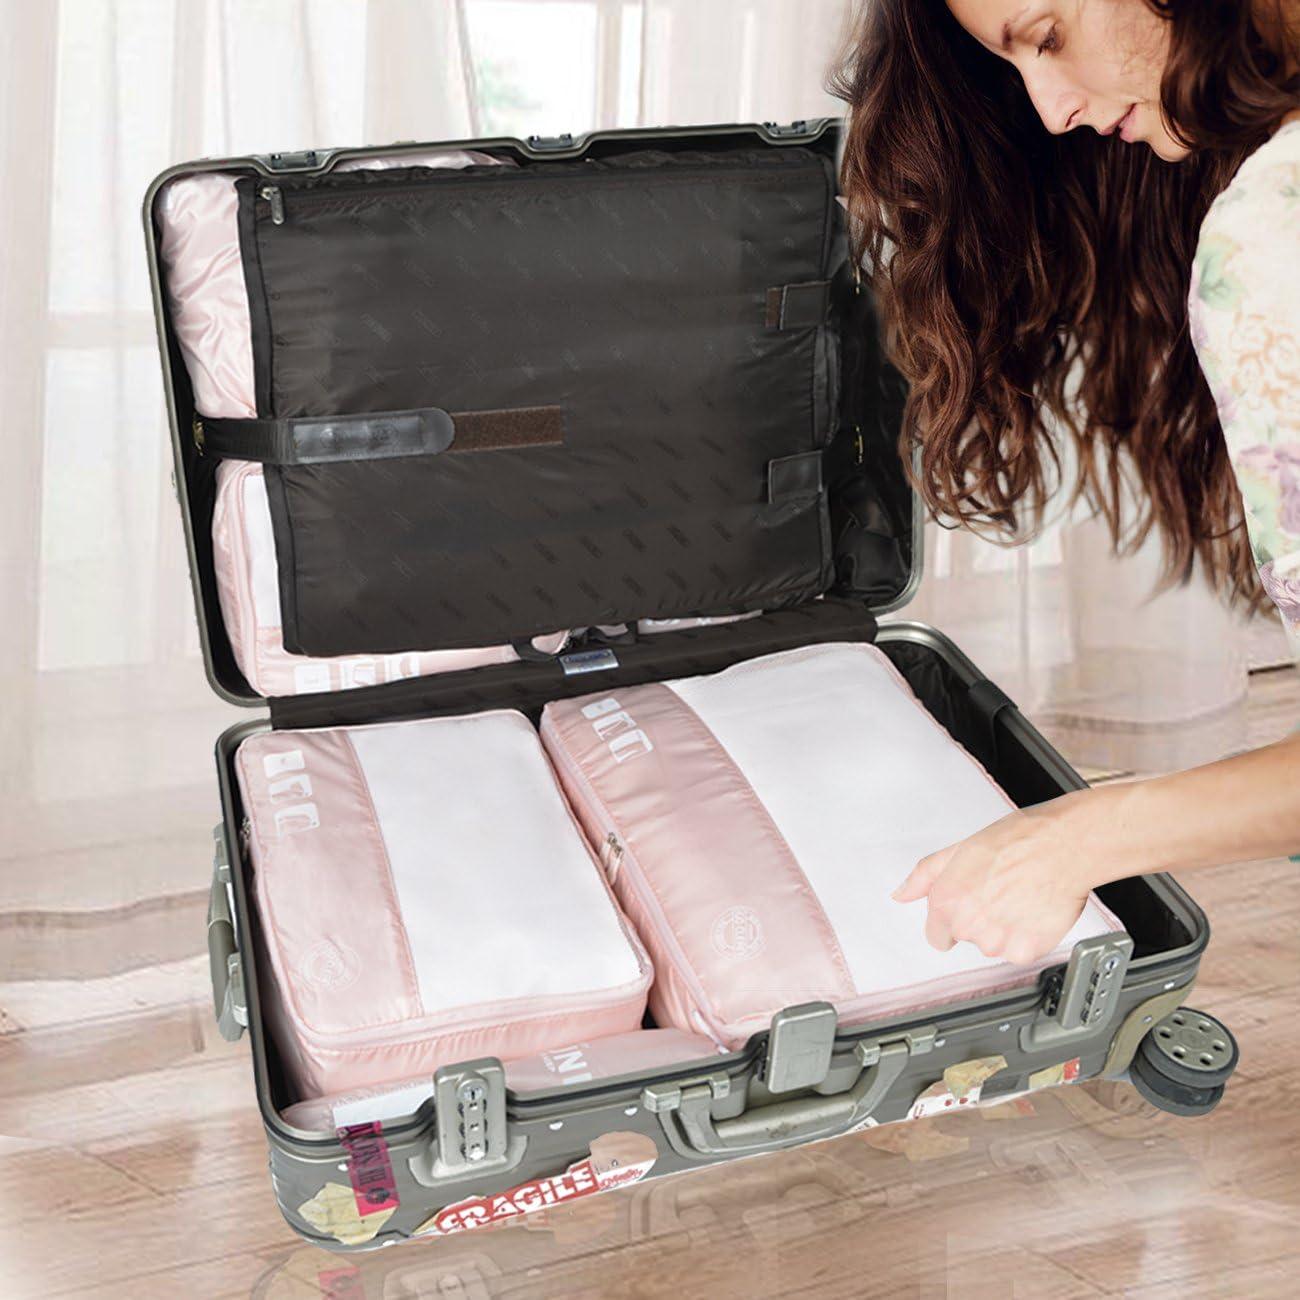 9Pcs Ros/é Eazeehome 9pcs Organisateur de Bagage de Sac Voyage Emballage Cubes Rangement pour V/êtement sous-V/êtement Chaussures Cosm/étique